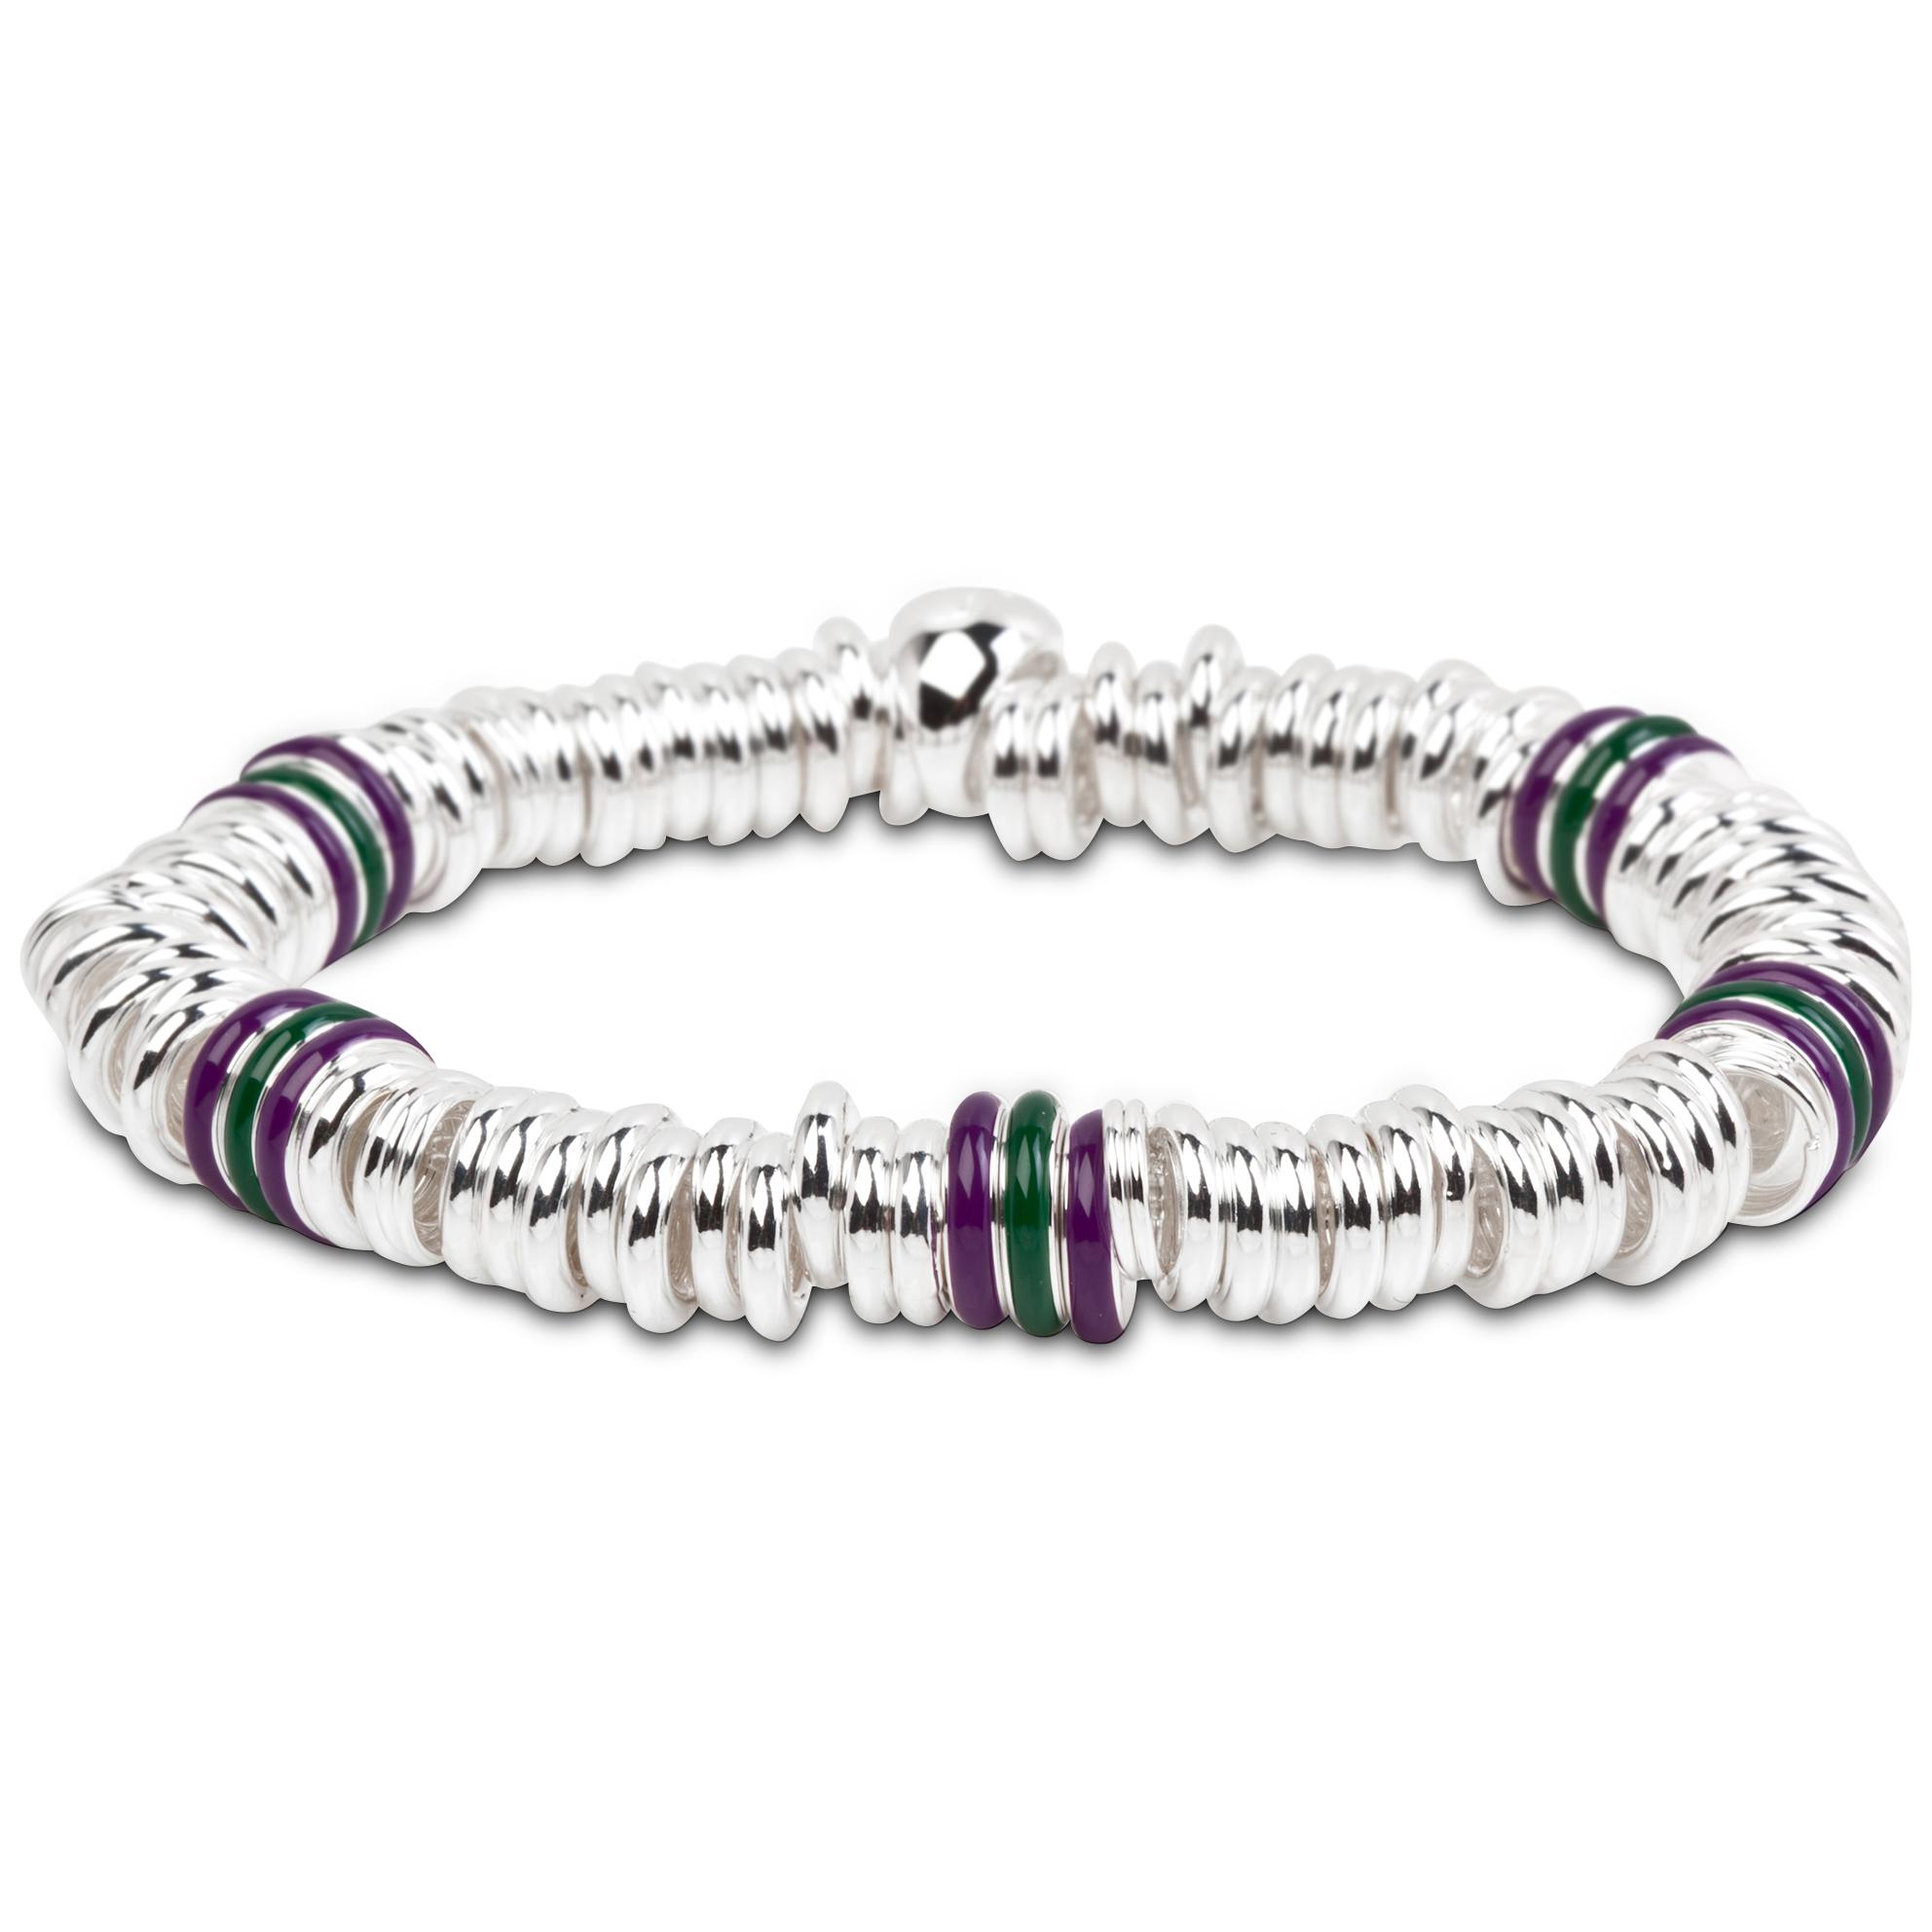 Wimbledon Enamel Sweetie Bracelet